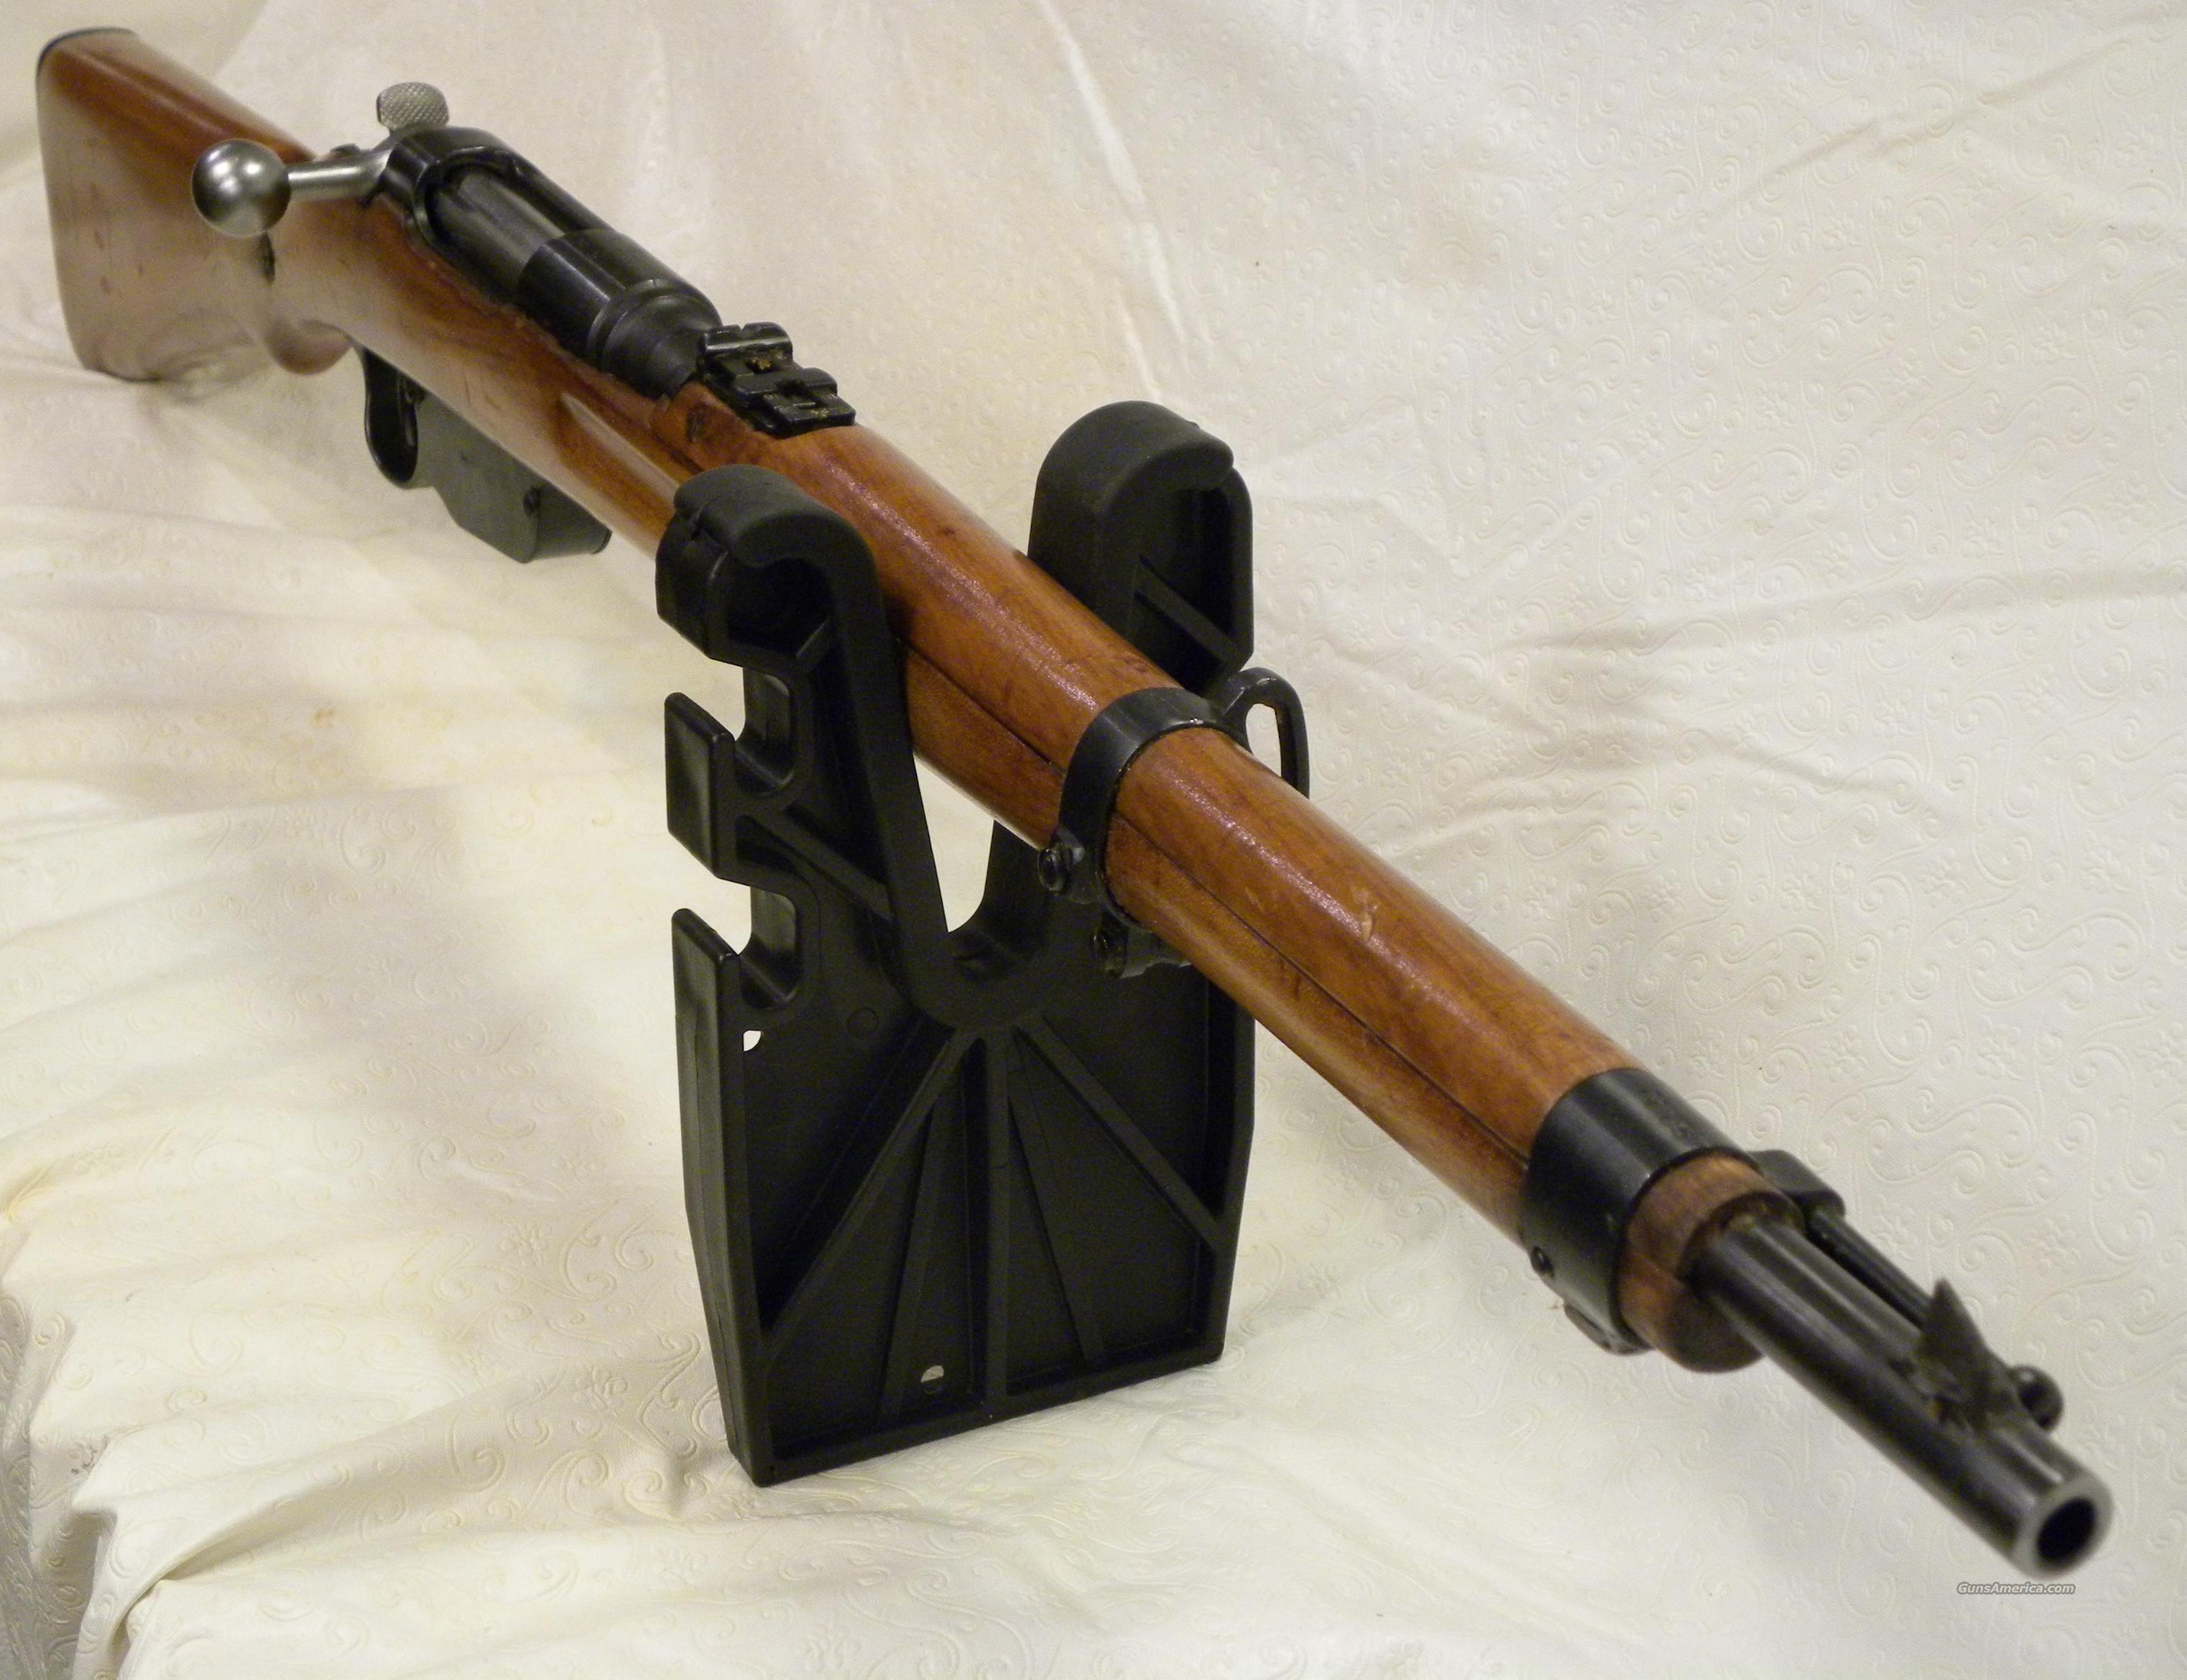 Steyr mannlicher model m 6.5 x 55